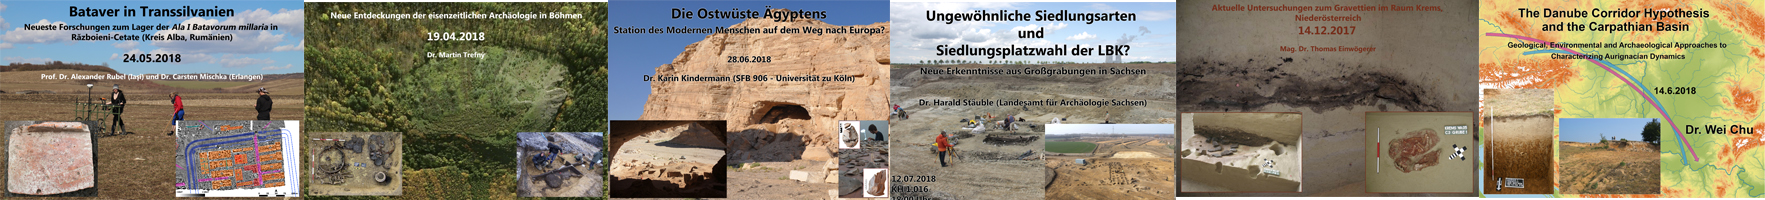 Bildleiste für die Seite Archäologisches Kolloquium